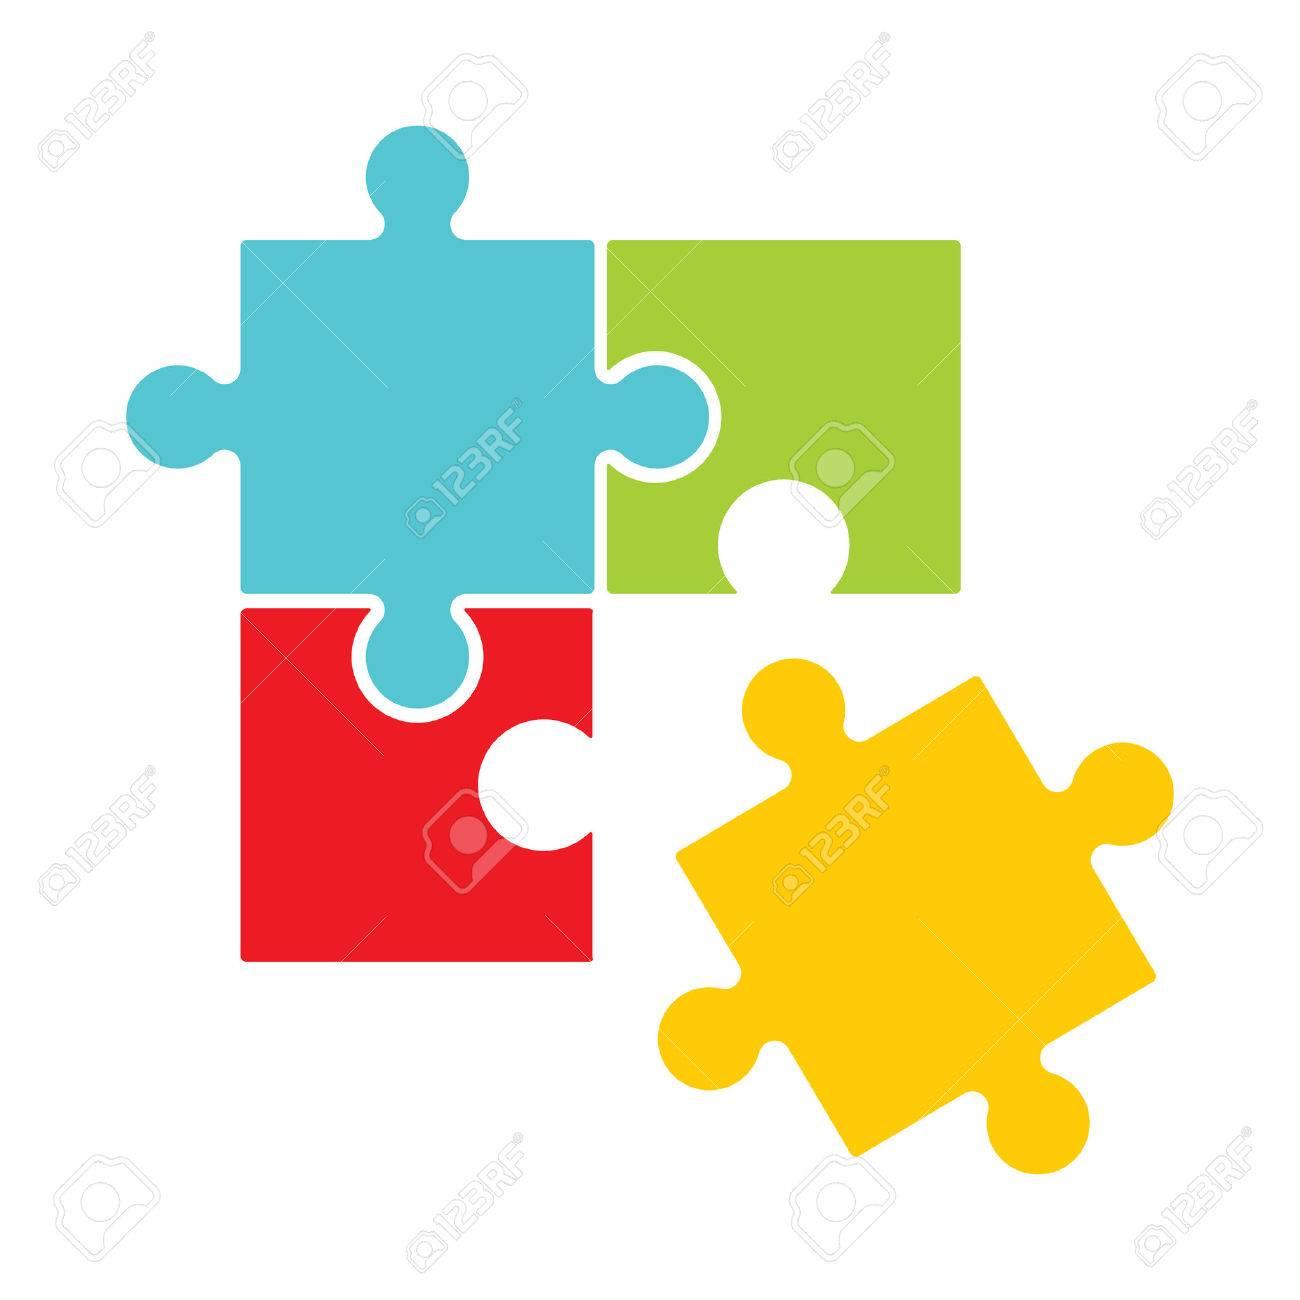 Puzzle - 36187264